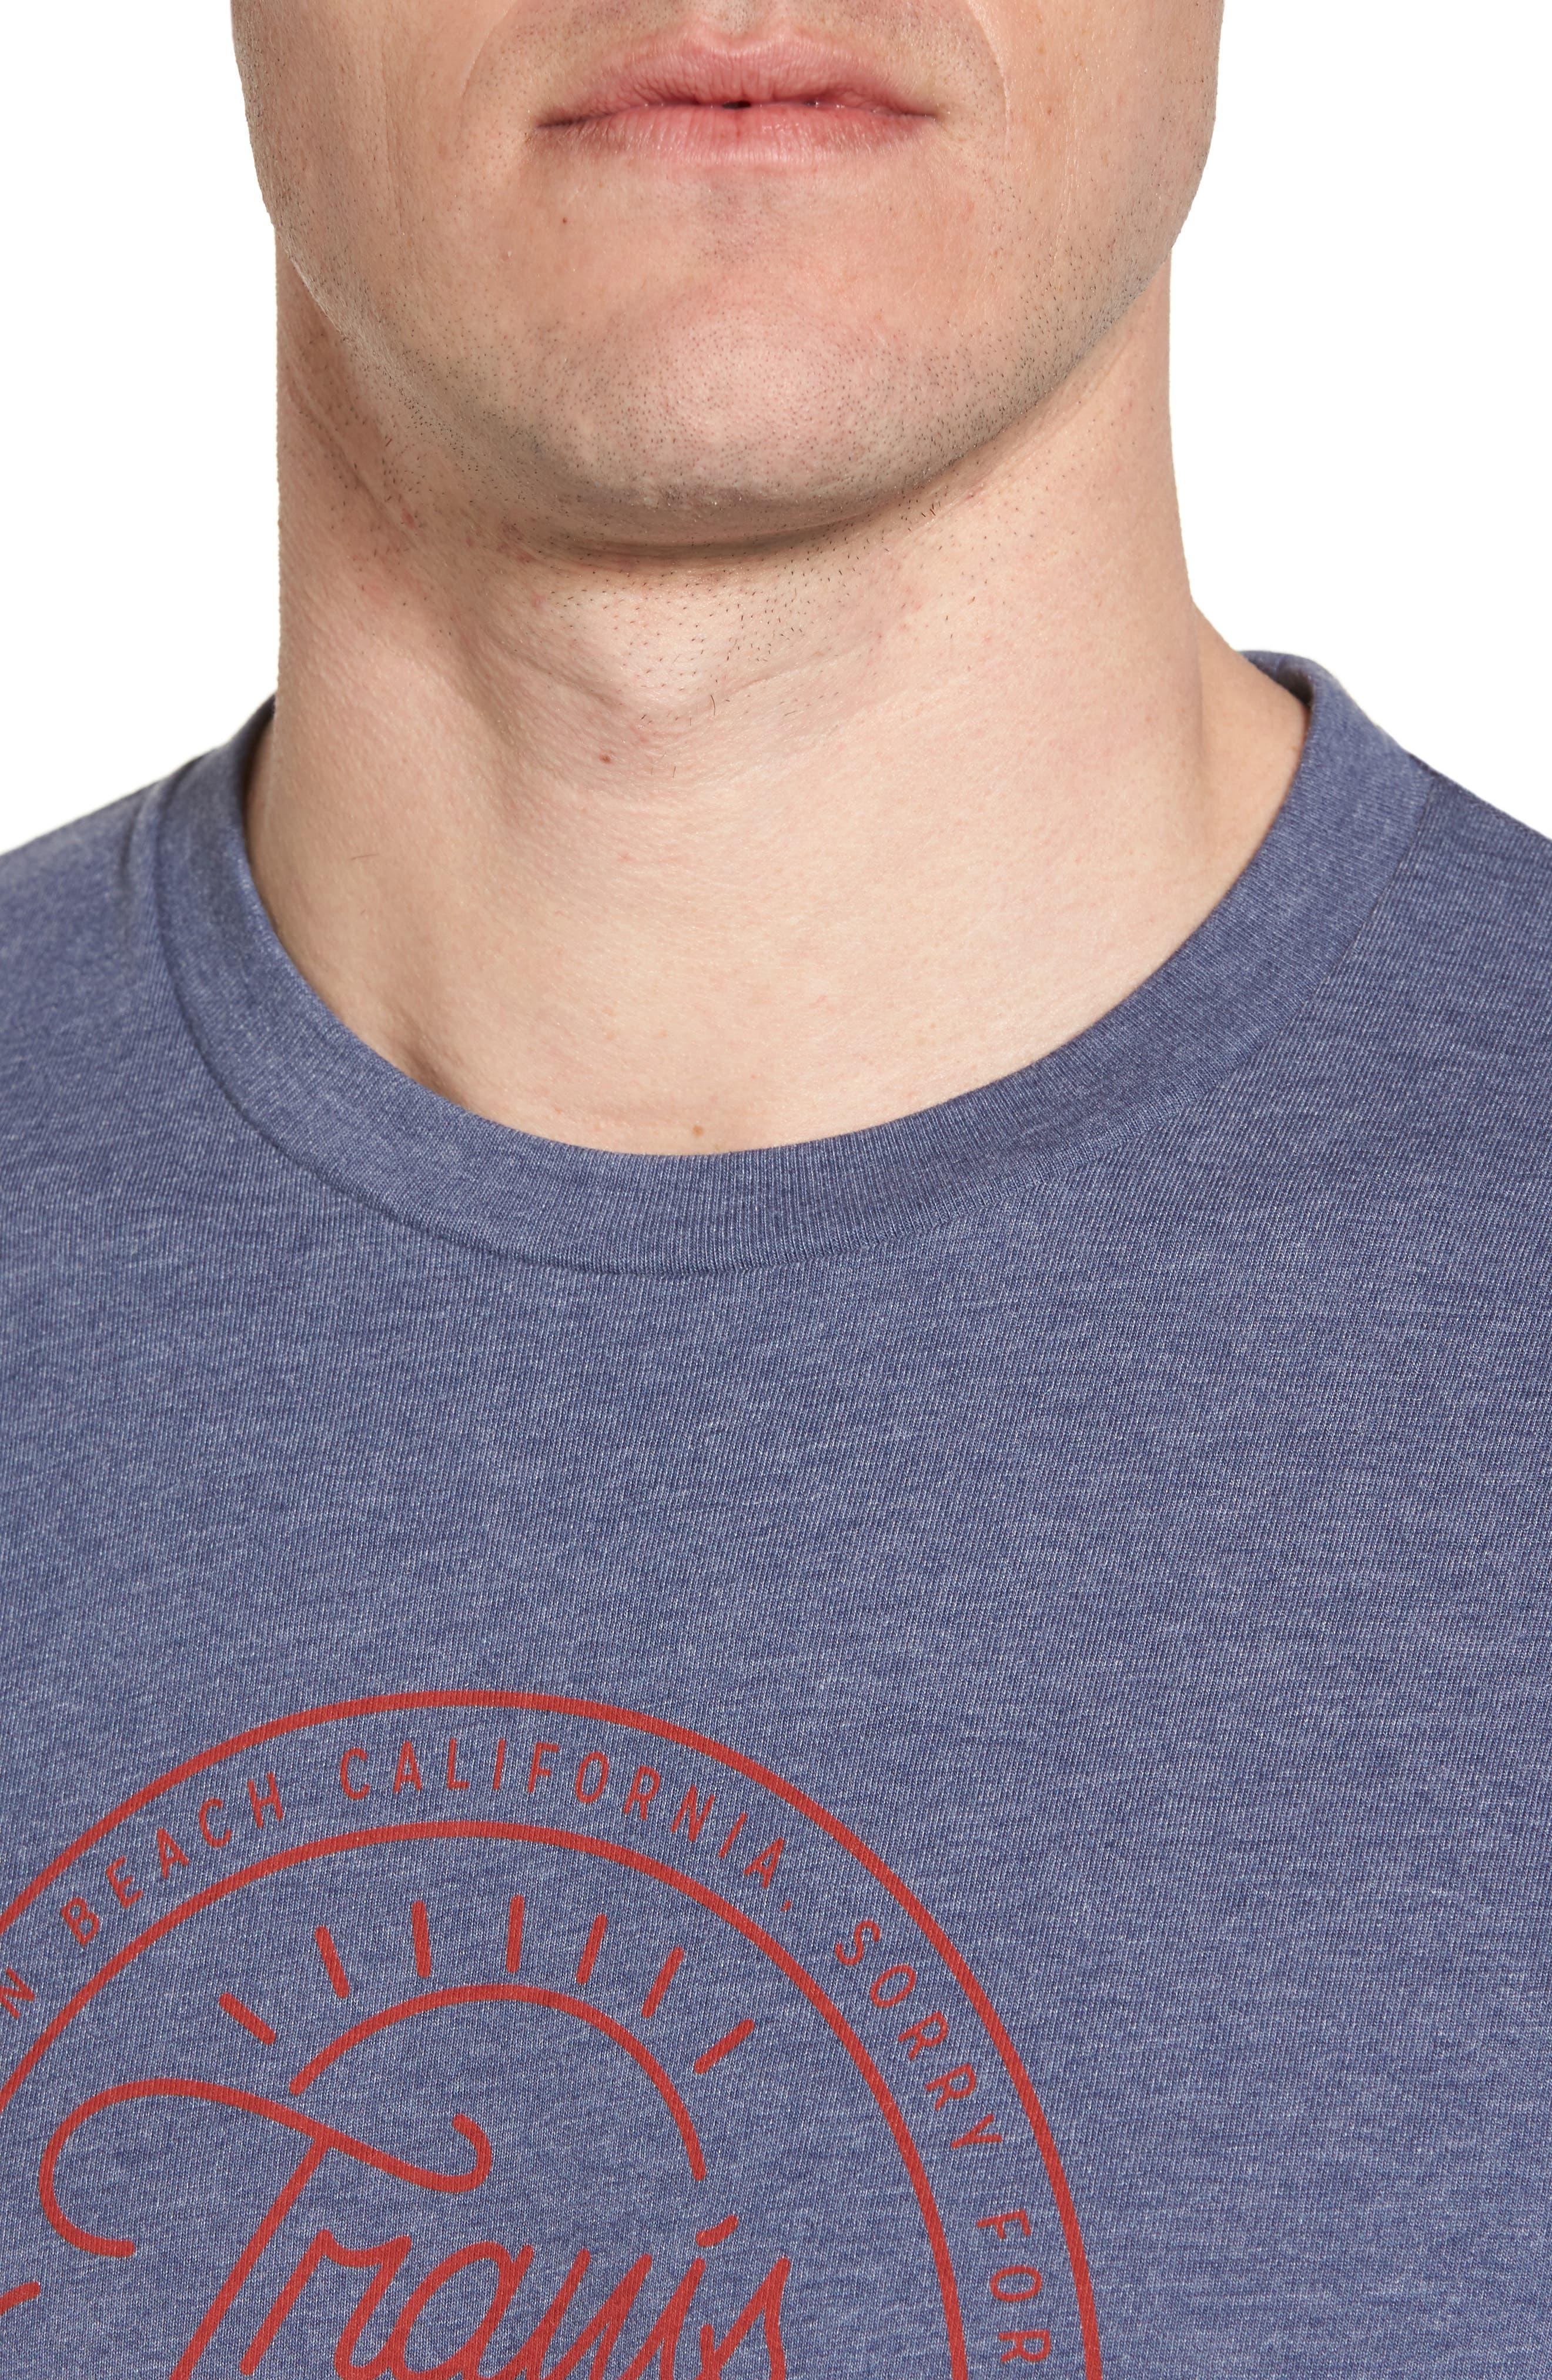 Drebo Graphic T-Shirt,                             Alternate thumbnail 4, color,                             400